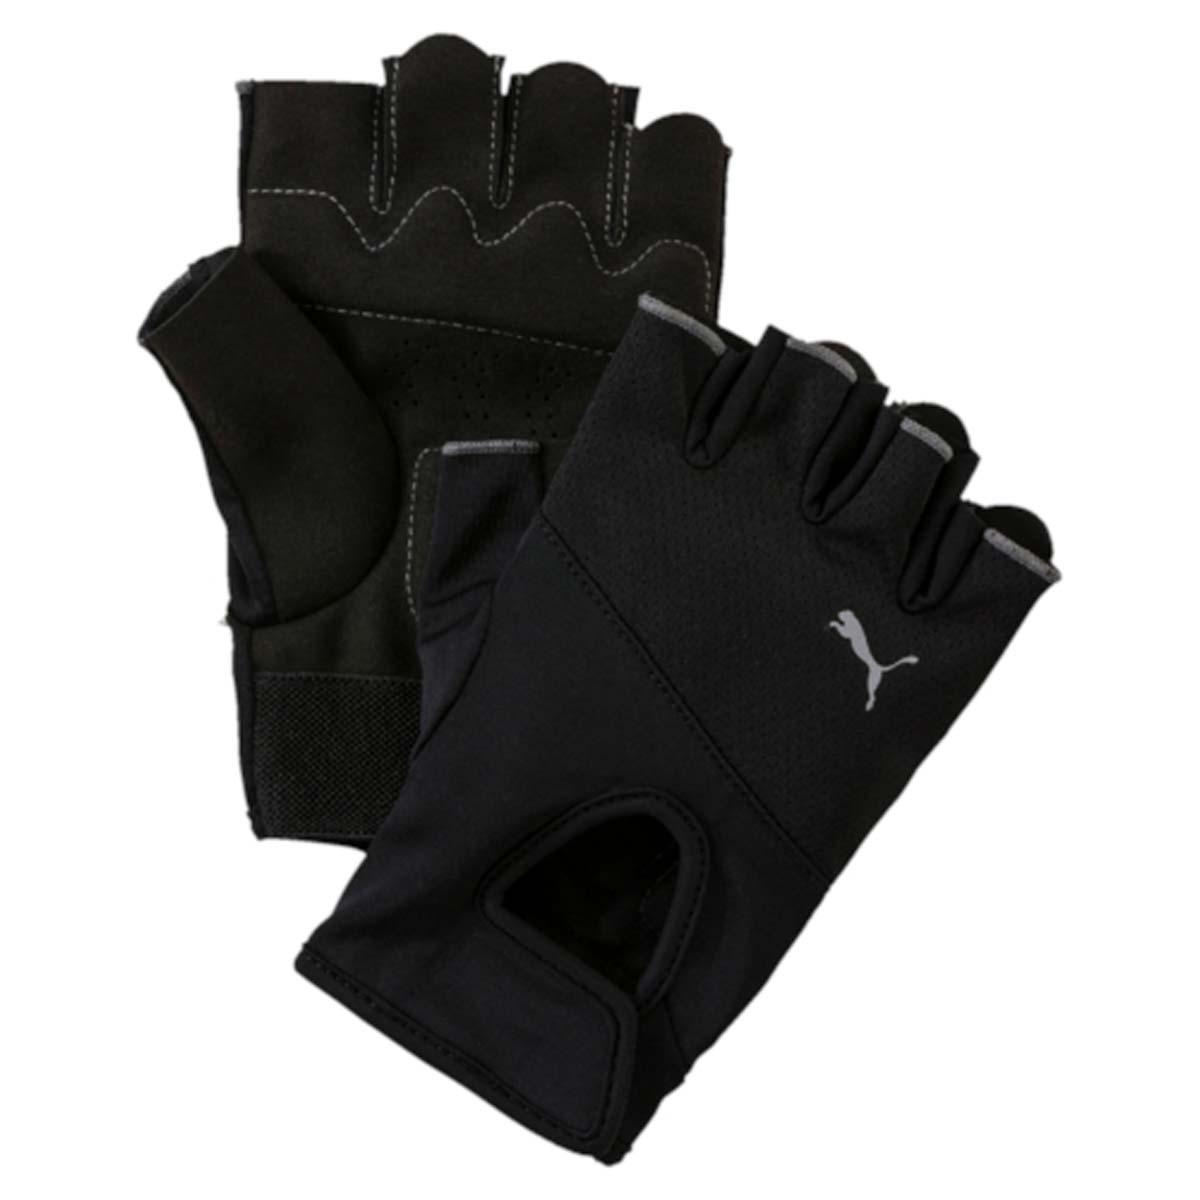 Перчатки для фитнеса Puma Tr Gloves, цвет: черный. 04129501. Размер M (9)838372_01Перчатки Puma Tr Gloves предназначены для защиты рук во время занятия спортом. Мягкий верх на основе современного высокотехнологичного полиэстера и нейлона оснащен уплотненными подушечками на ладони для максимального комфорта. У модели рукоятки из тесьмы со вставками для ладоней, нескользящие вставки для комфорта, долговечности и удобства захвата.Регулируемая застежка-липучка для оптимальной поддержки.